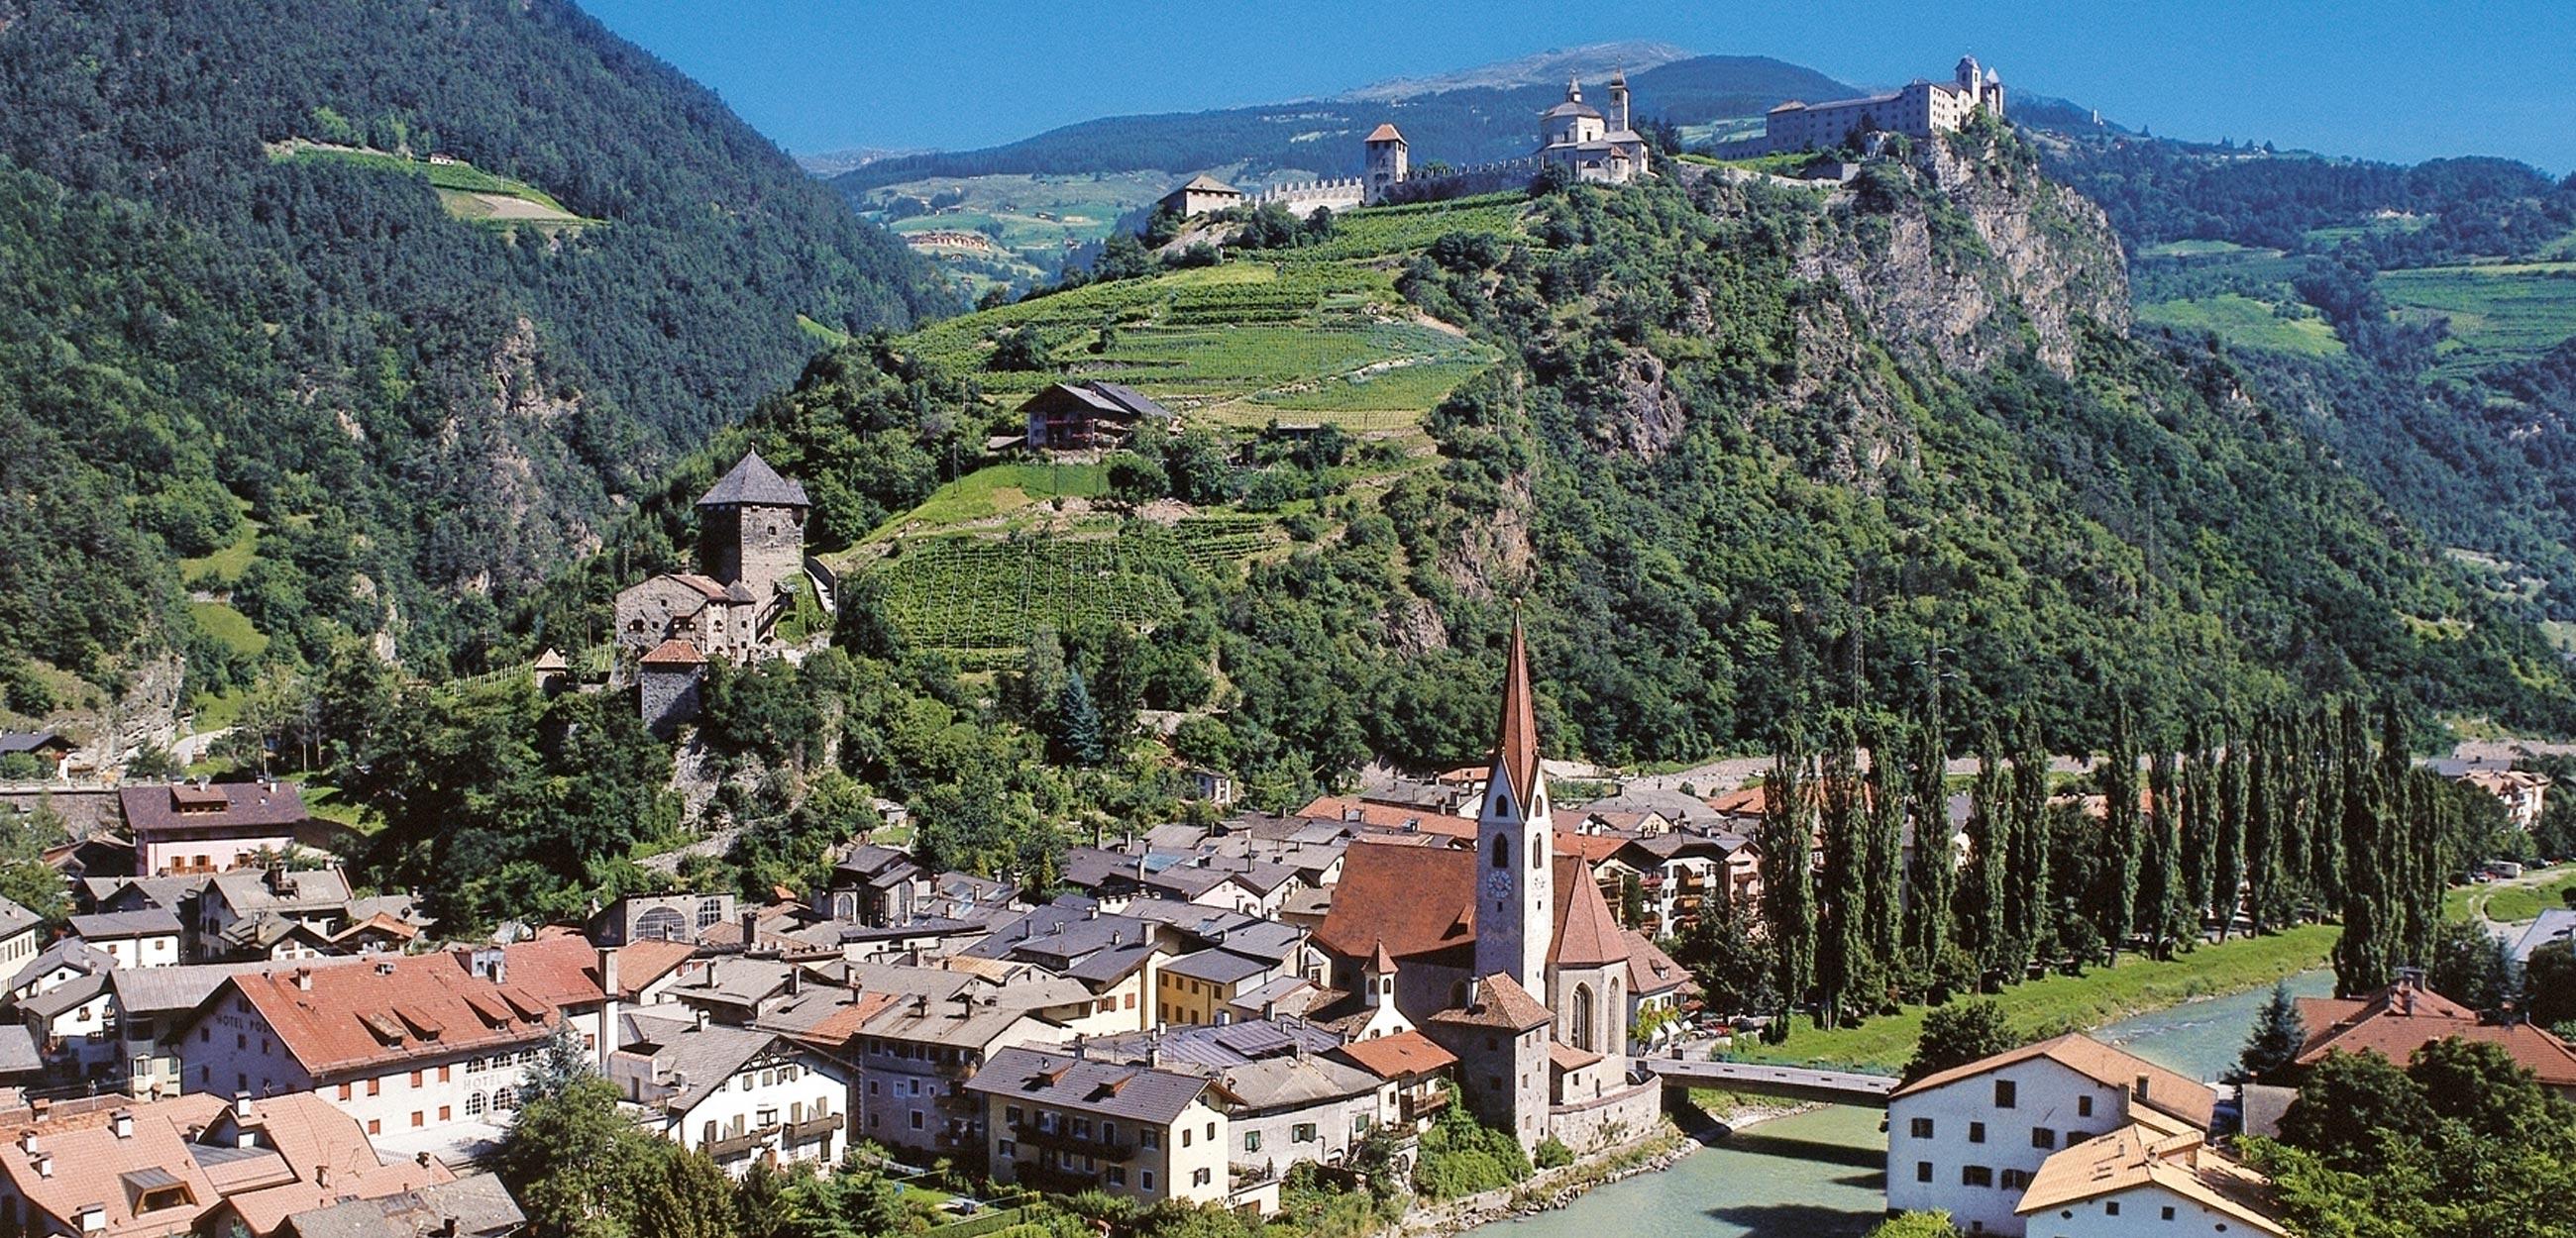 Laitacherhof in Klausen - Südtirol Lage und Entfernung